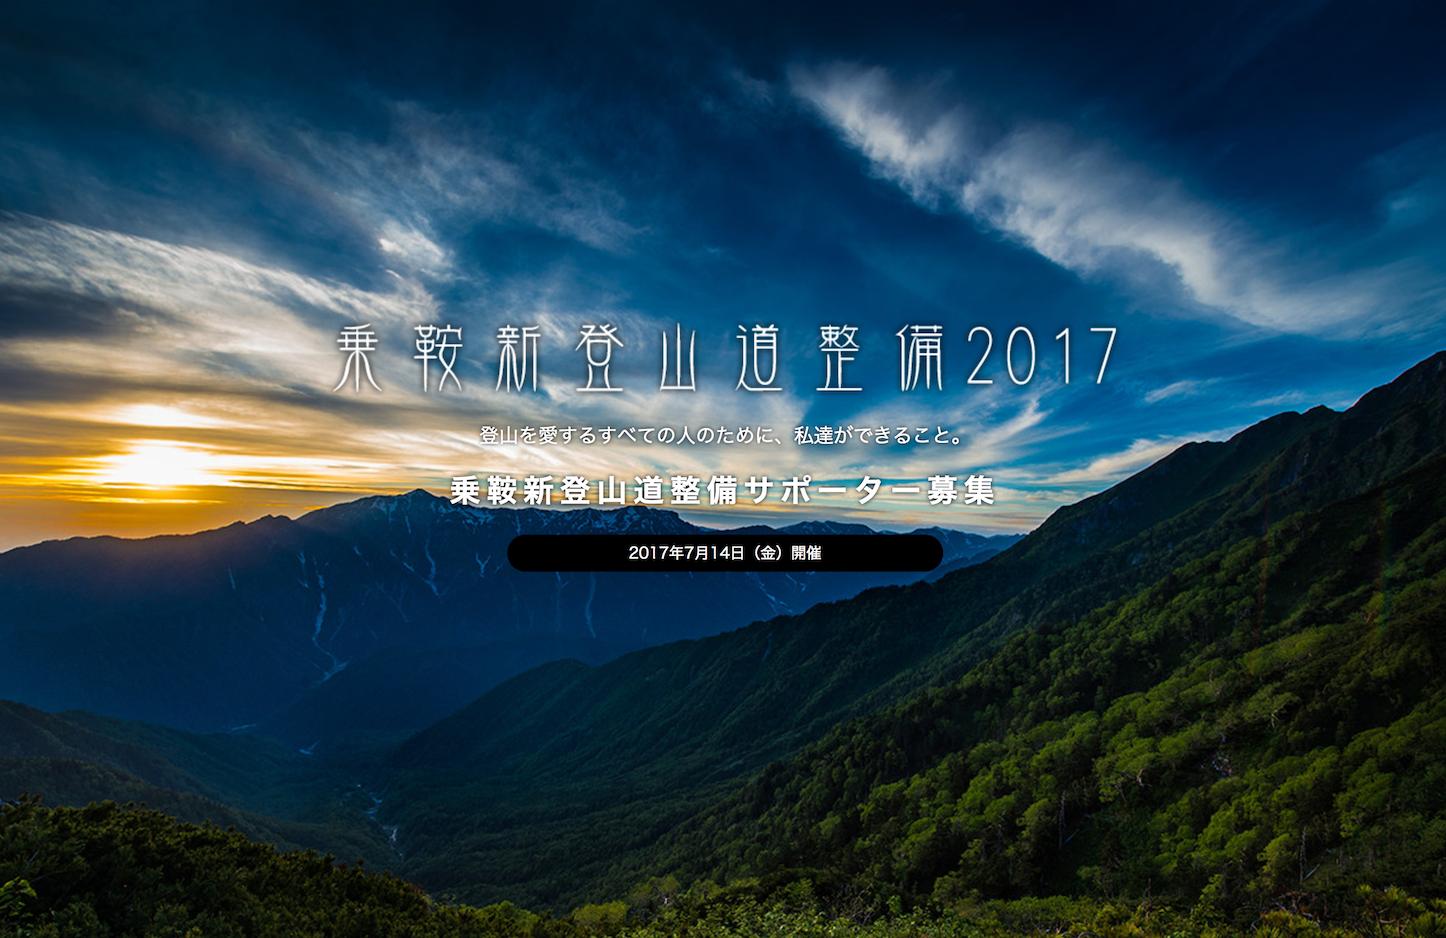 Norikura Shin Tozando Sibi 2017